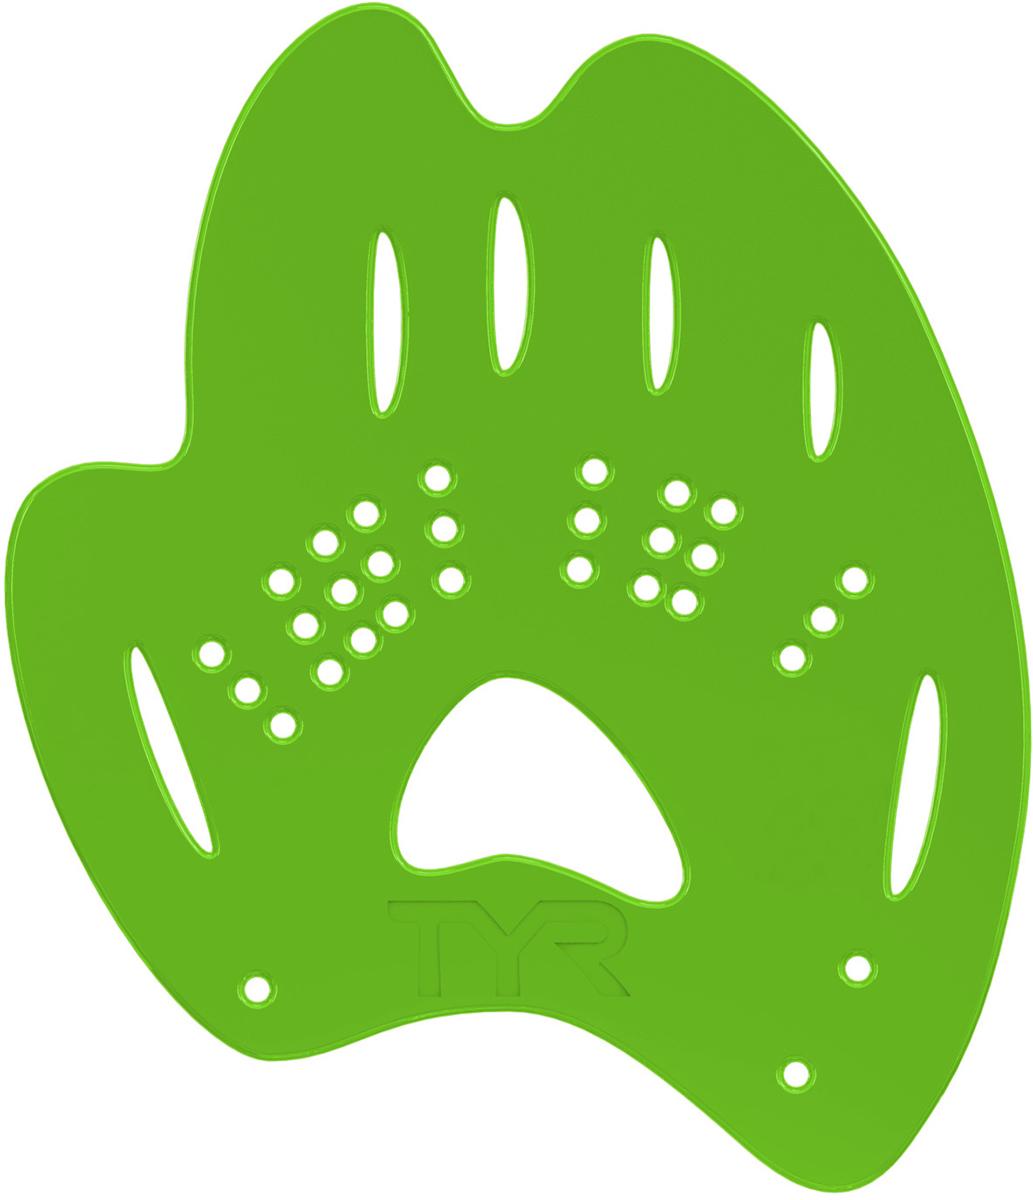 Лопатки для плавания Tyr  Mentor 2 Training Paddles , цвет: зеленый. Размер XS. LMENTOR2 - Плавание